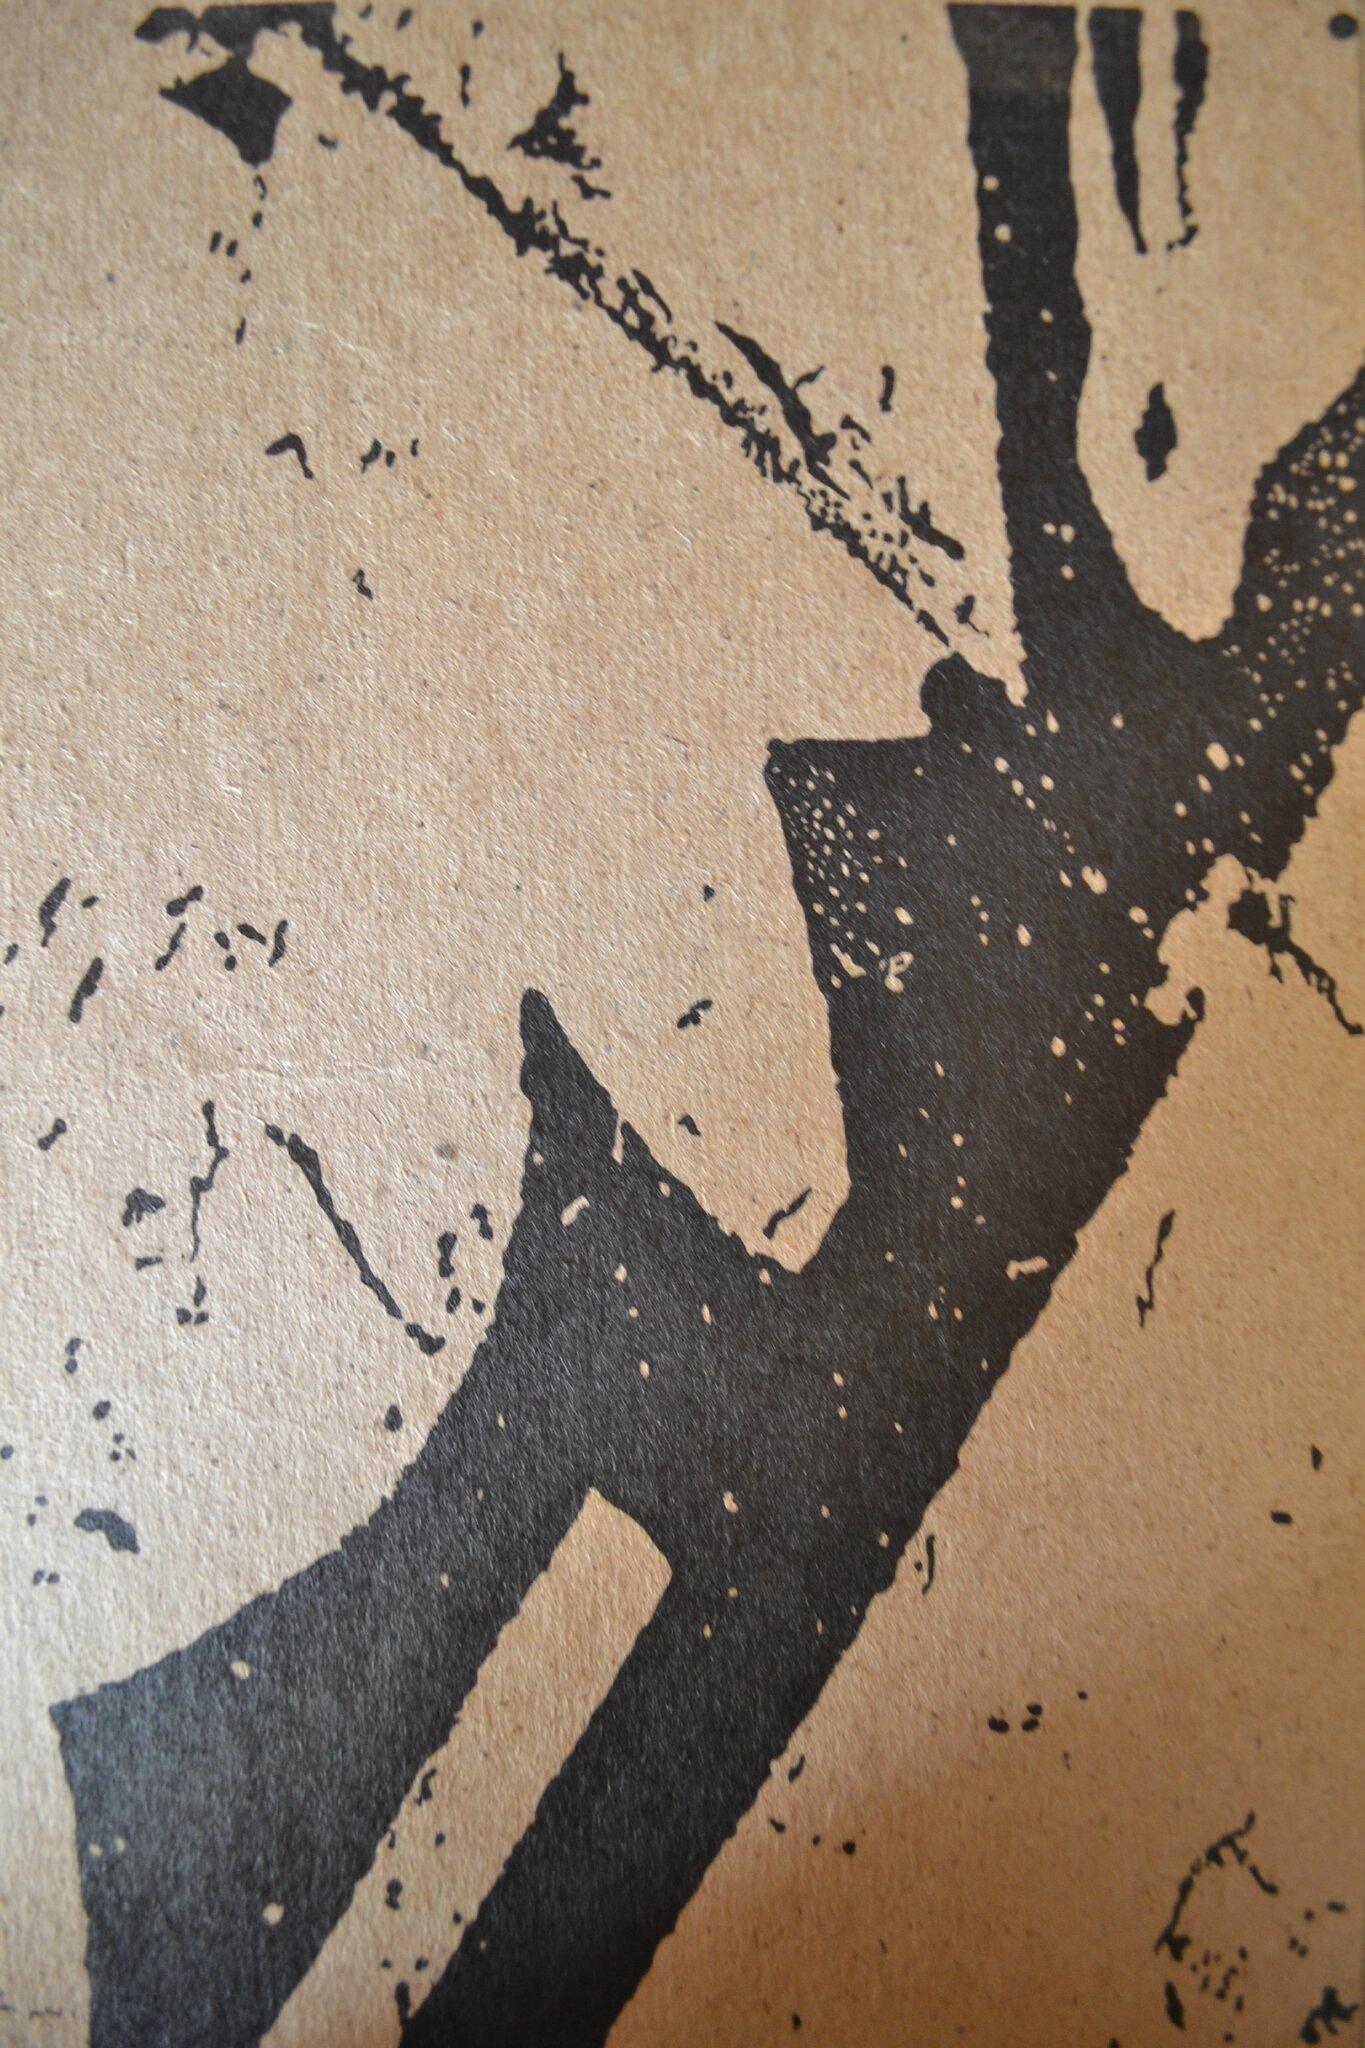 art contemporain arabe et mouvement Hurufiyya.COLLECTIF ARTISTE DU MOYEN ORIENT ET DU MAGHREB POUR LA RESTAURATION DE LA MEDINA